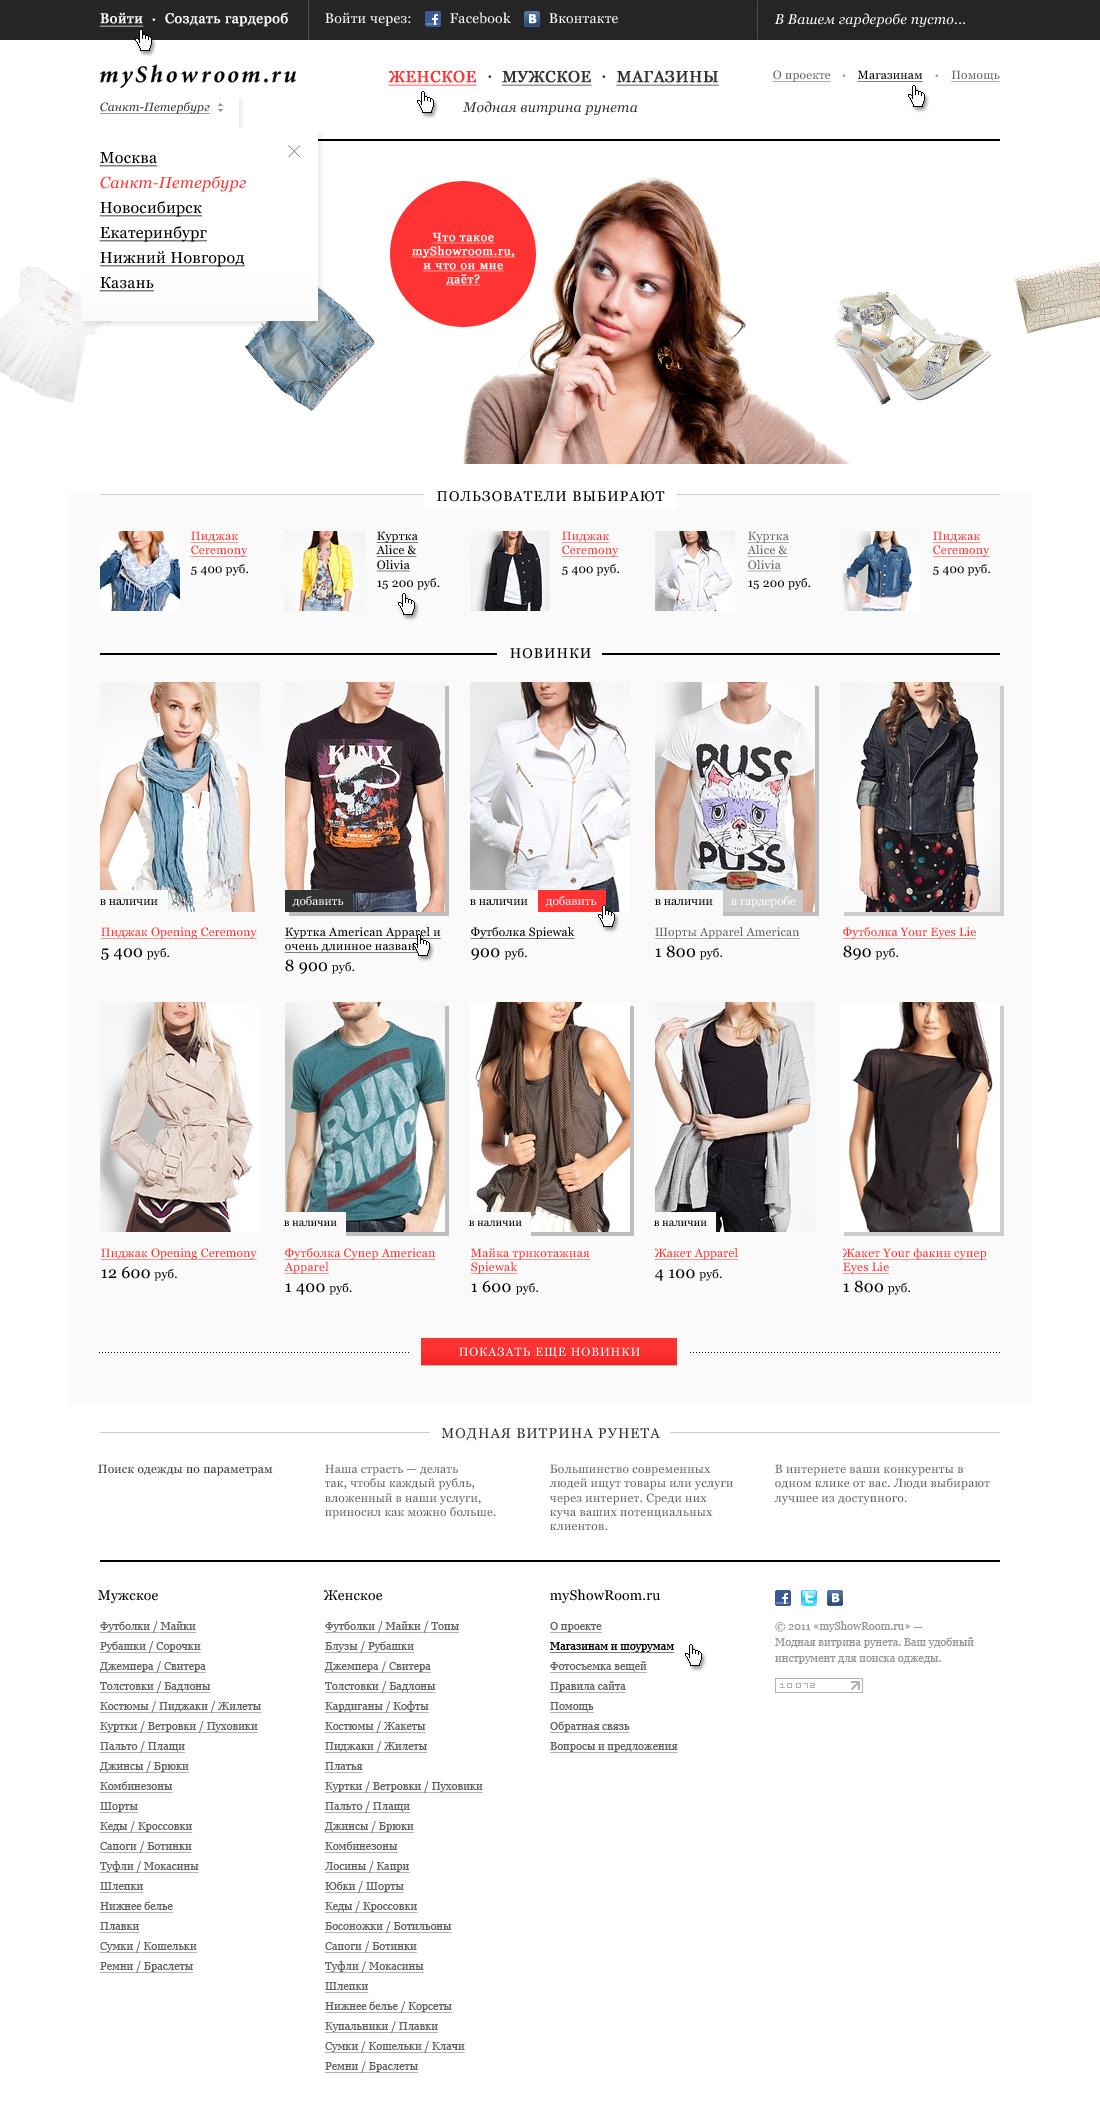 Модная витрина мужской и женской одежды myShowroom.ru